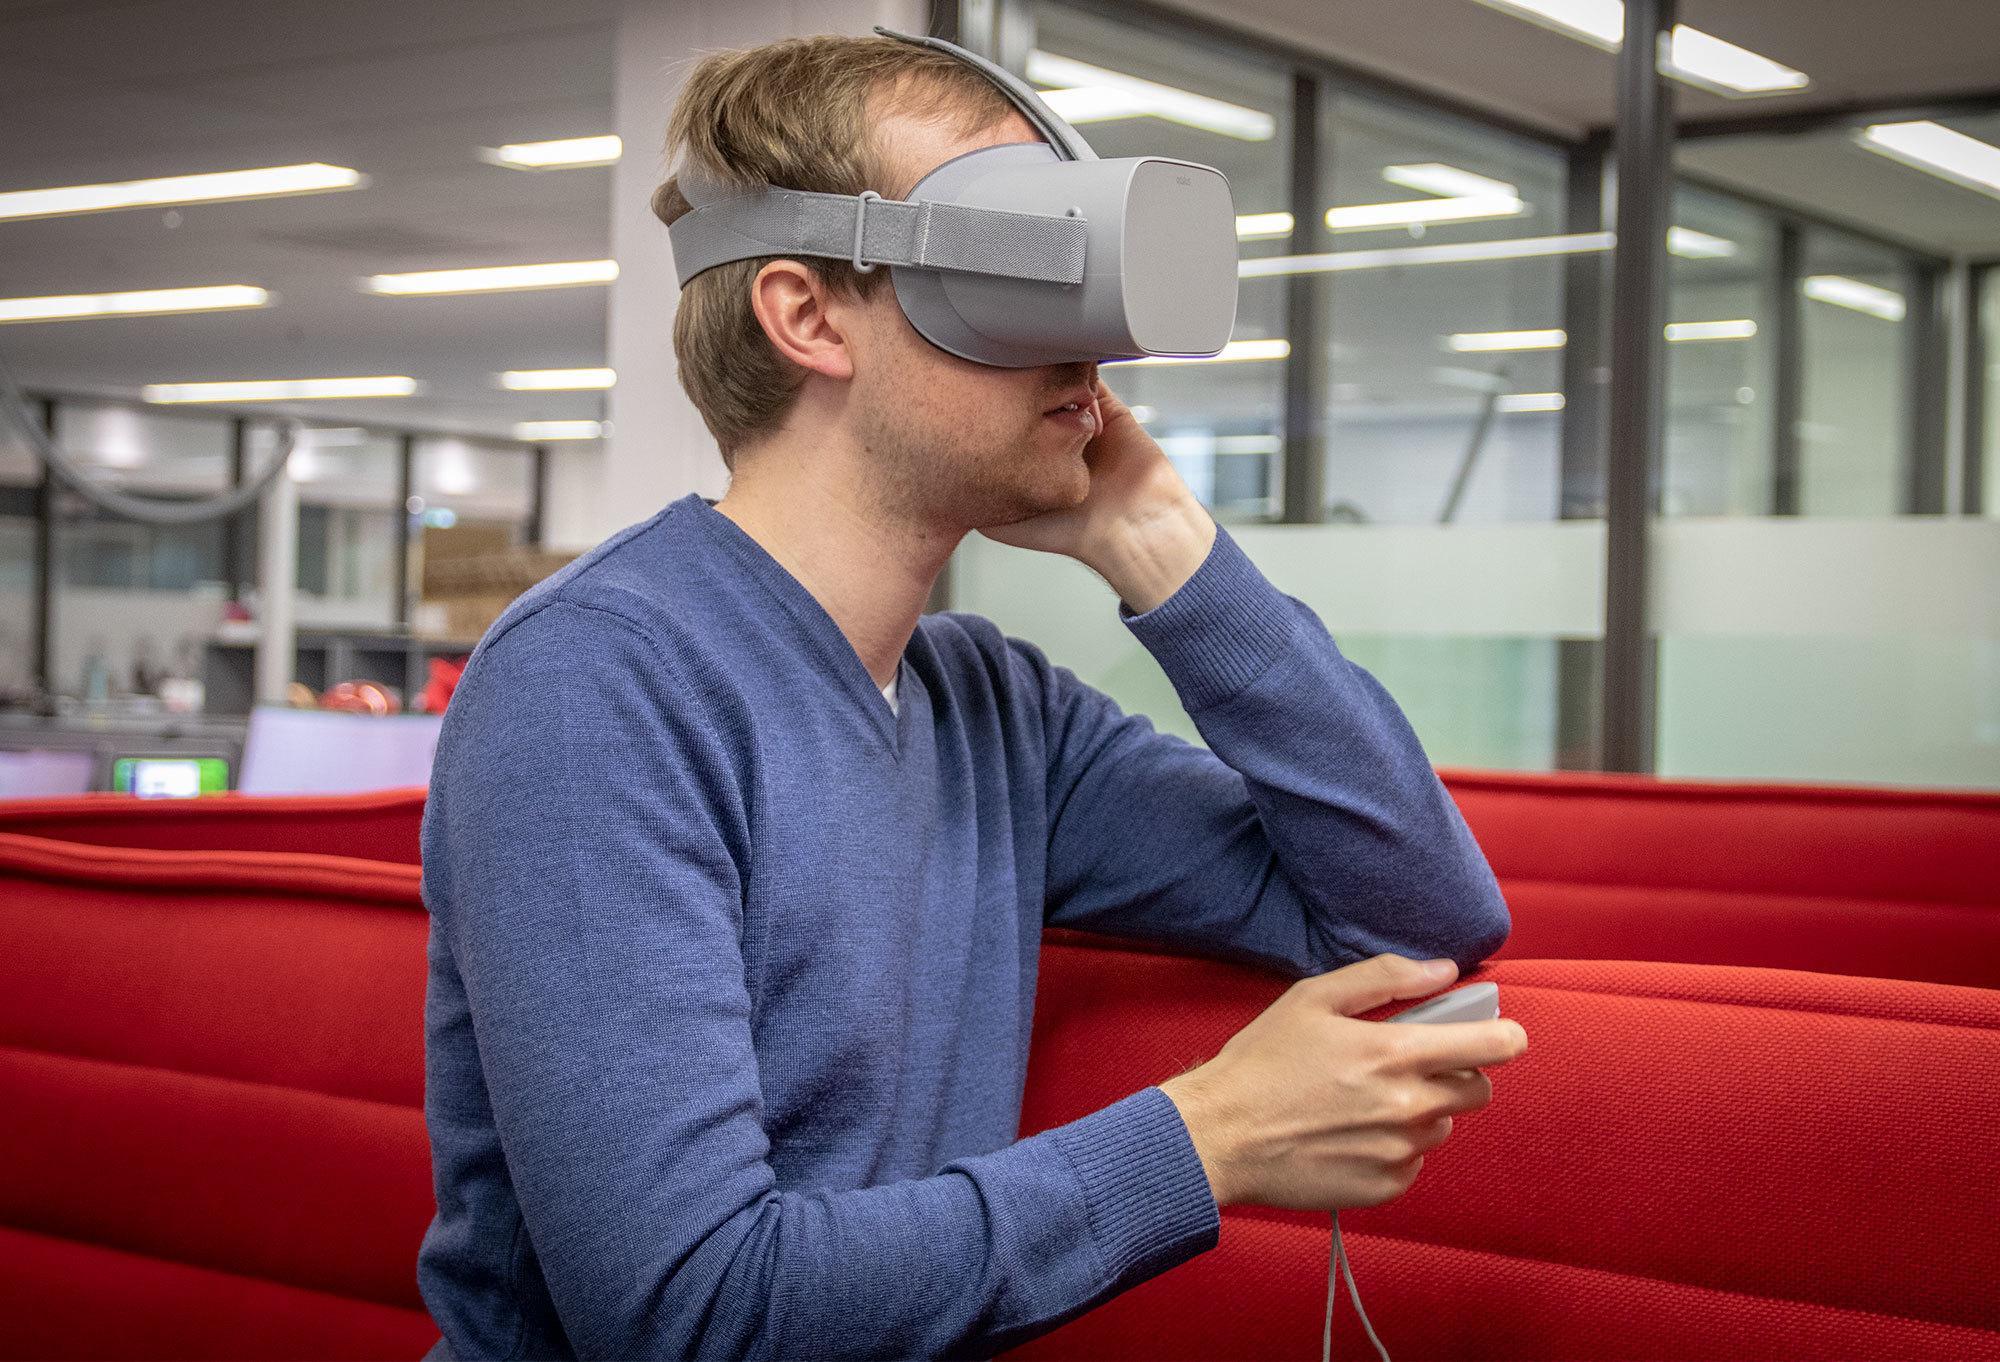 Du kan ikke bevege deg rundt i rommet med Oculus Go, så du er nødt til å enten stå stille eller sette deg ned.